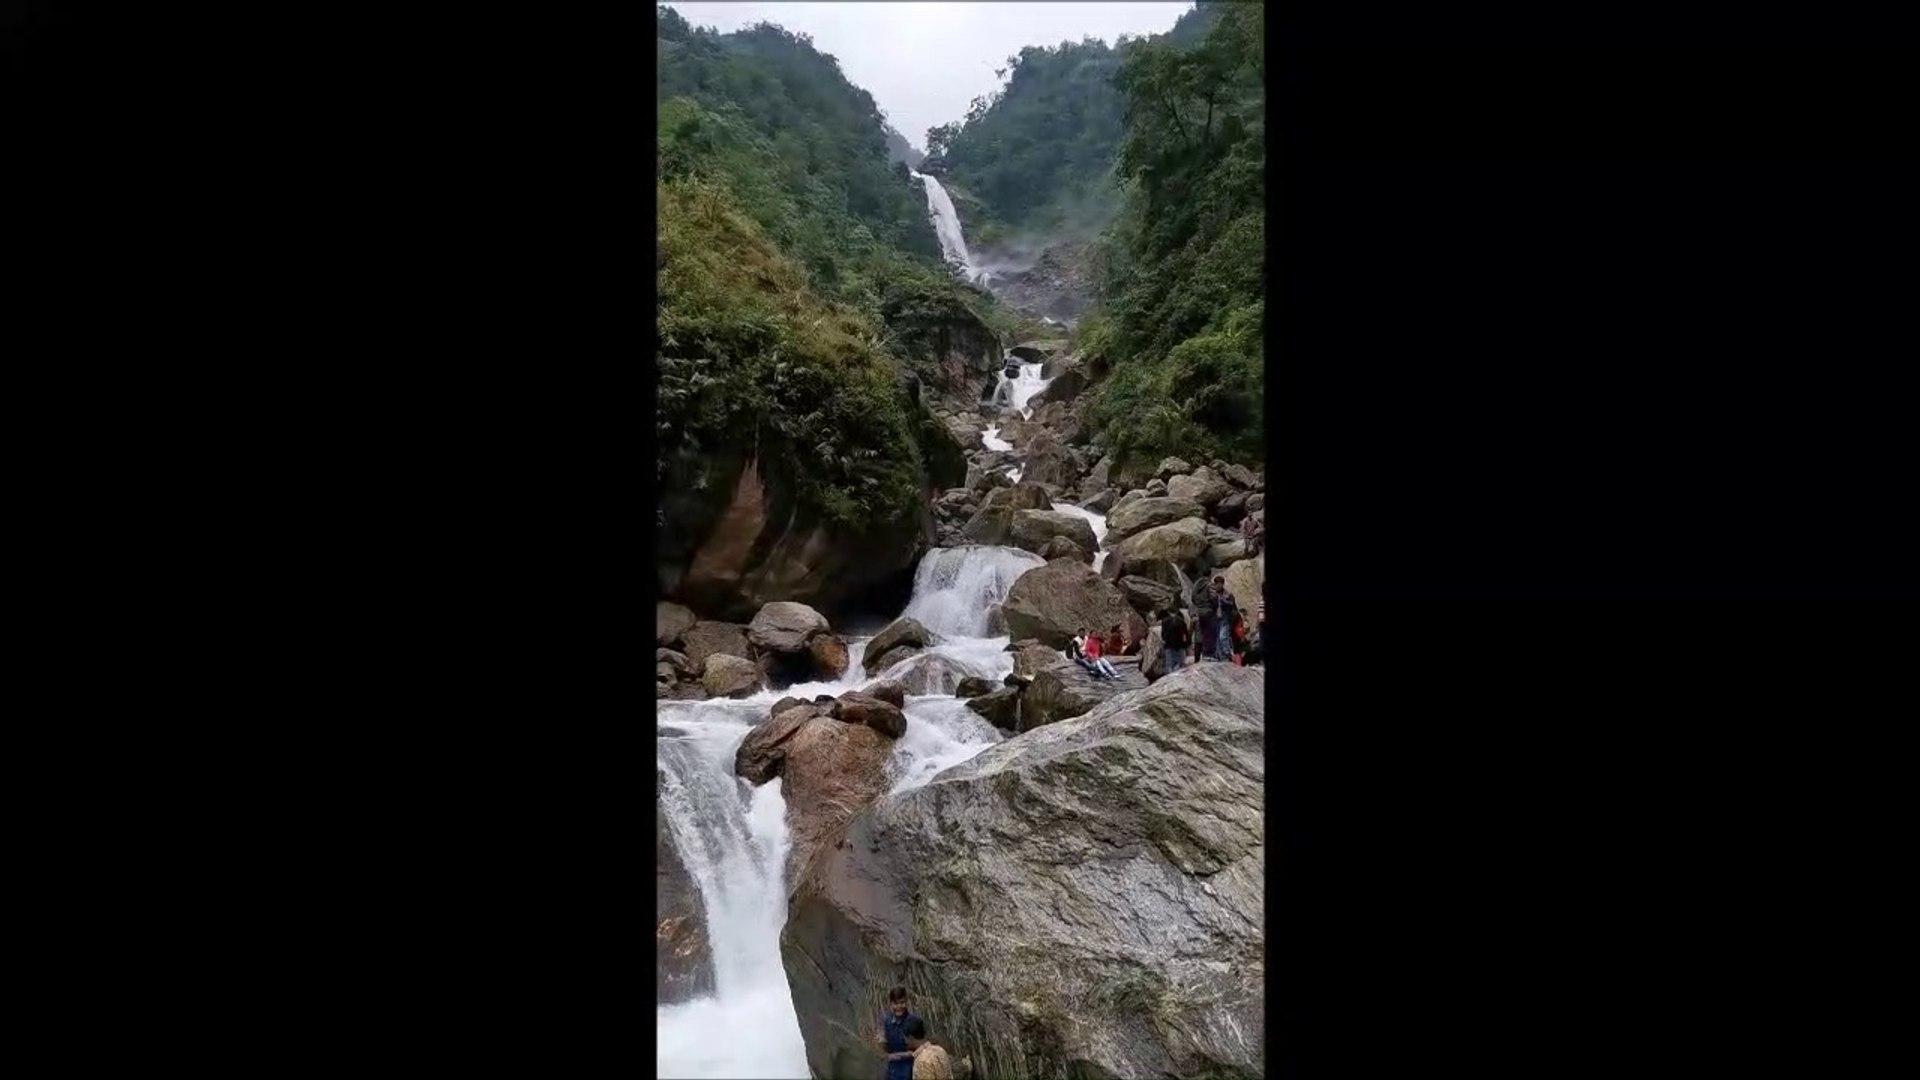 Amitabh bacchan falls